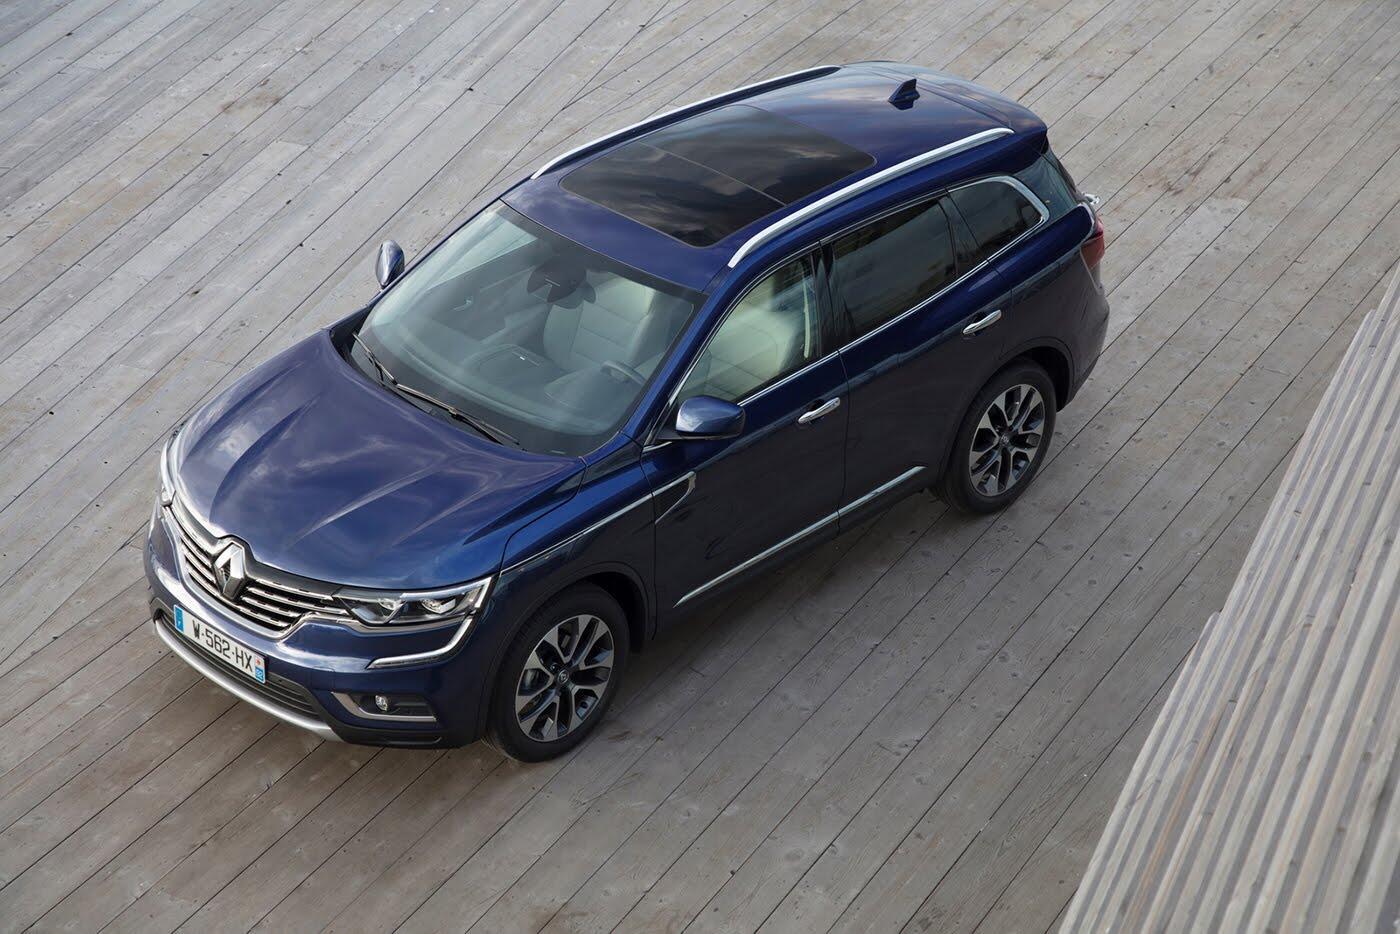 Xem thêm ảnh Renault Koleos 2017 - Hình 12